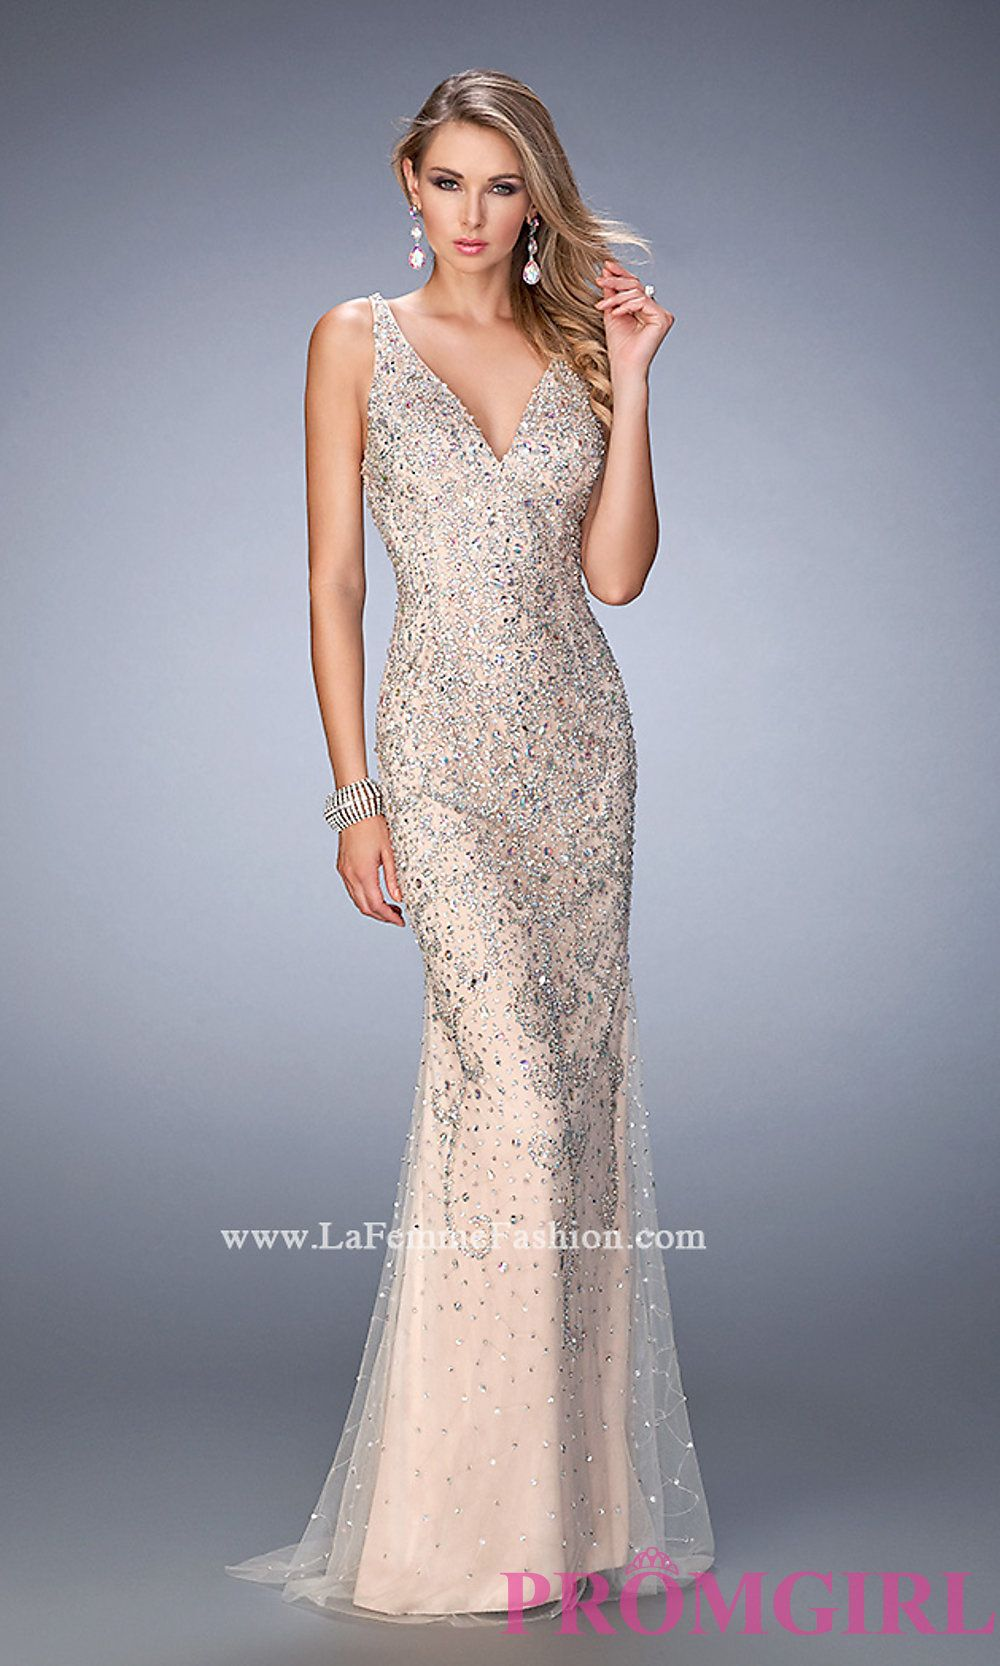 Beaded V-Neck Long Open Back Prom Dress by Gigi Style: LF-22644 ...